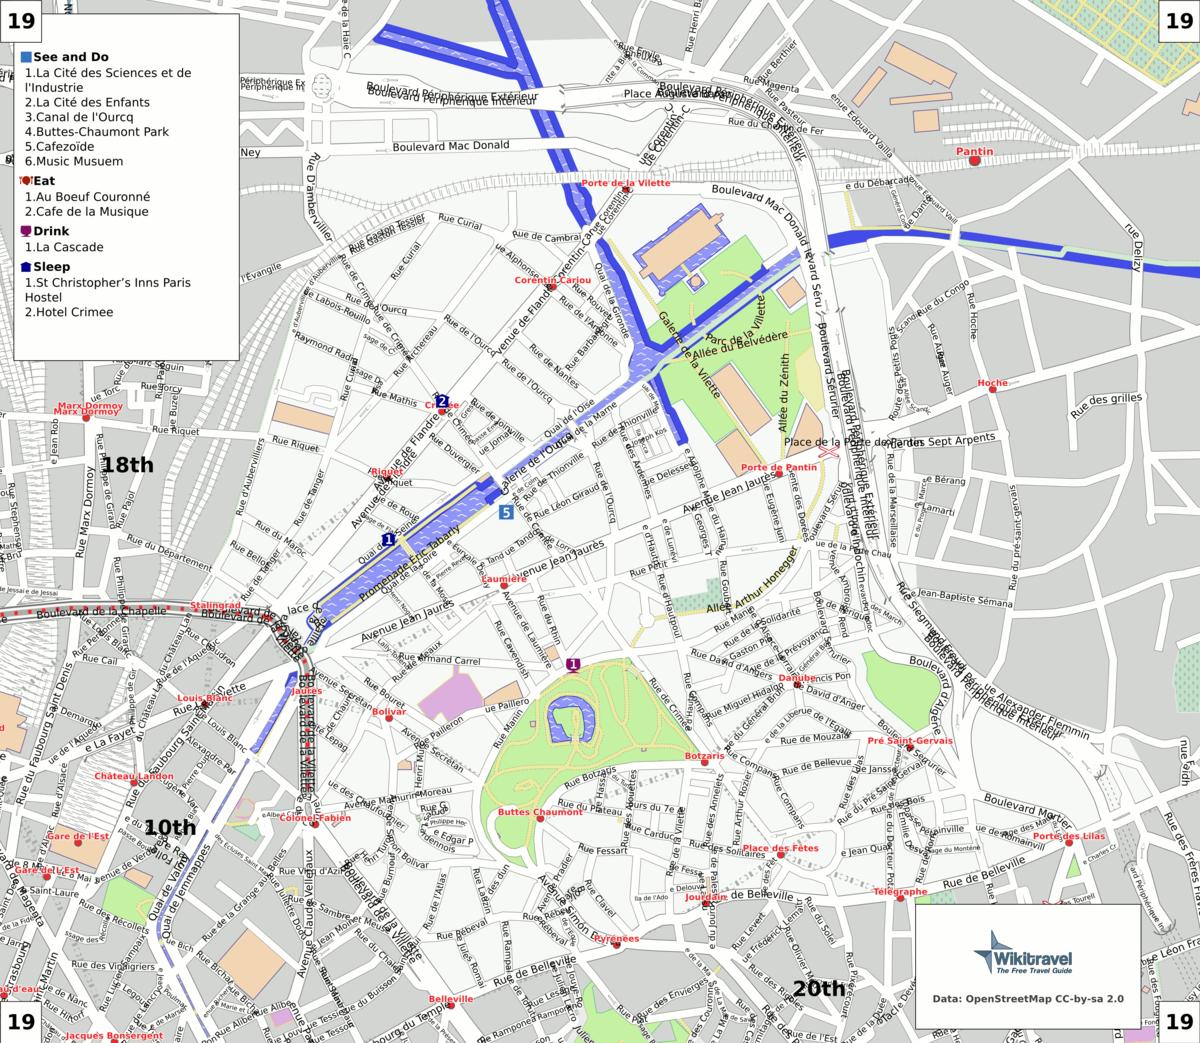 liste des voies du 19e arrondissement de paris wikip dia. Black Bedroom Furniture Sets. Home Design Ideas